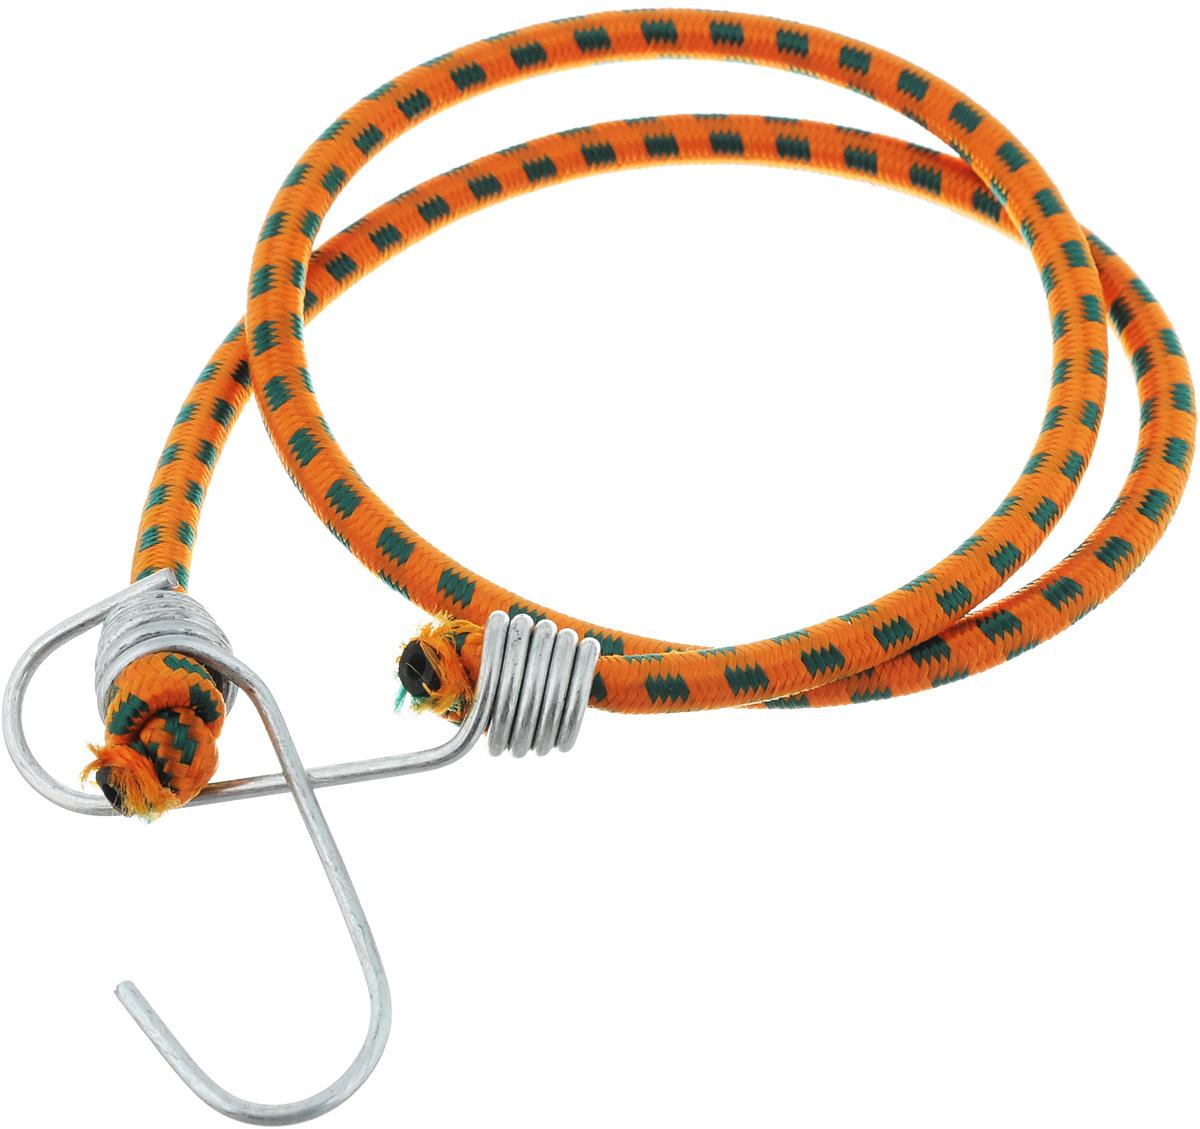 Резинка багажная МастерПроф, с крючками, цвет: оранжевый, изумрудный, 0,6 х 80 см. АС.020021Ветерок 2ГФБагажная резинка МастерПроф, выполненная из синтетического каучука, оснащена специальными металлическими крючками, которые обеспечивают прочное крепление и не допускают смещения груза во время его перевозки. Изделие применяется для закрепления предметов к багажнику. Такая резинка позволит зафиксировать как небольшой груз, так и довольно габаритный.Материал: синтетический каучук.Температура использования: -15°C до +50°C.Безопасное удлинение: 60%.Диаметр резинки: 0,6 см.Длина резинки: 80 см.